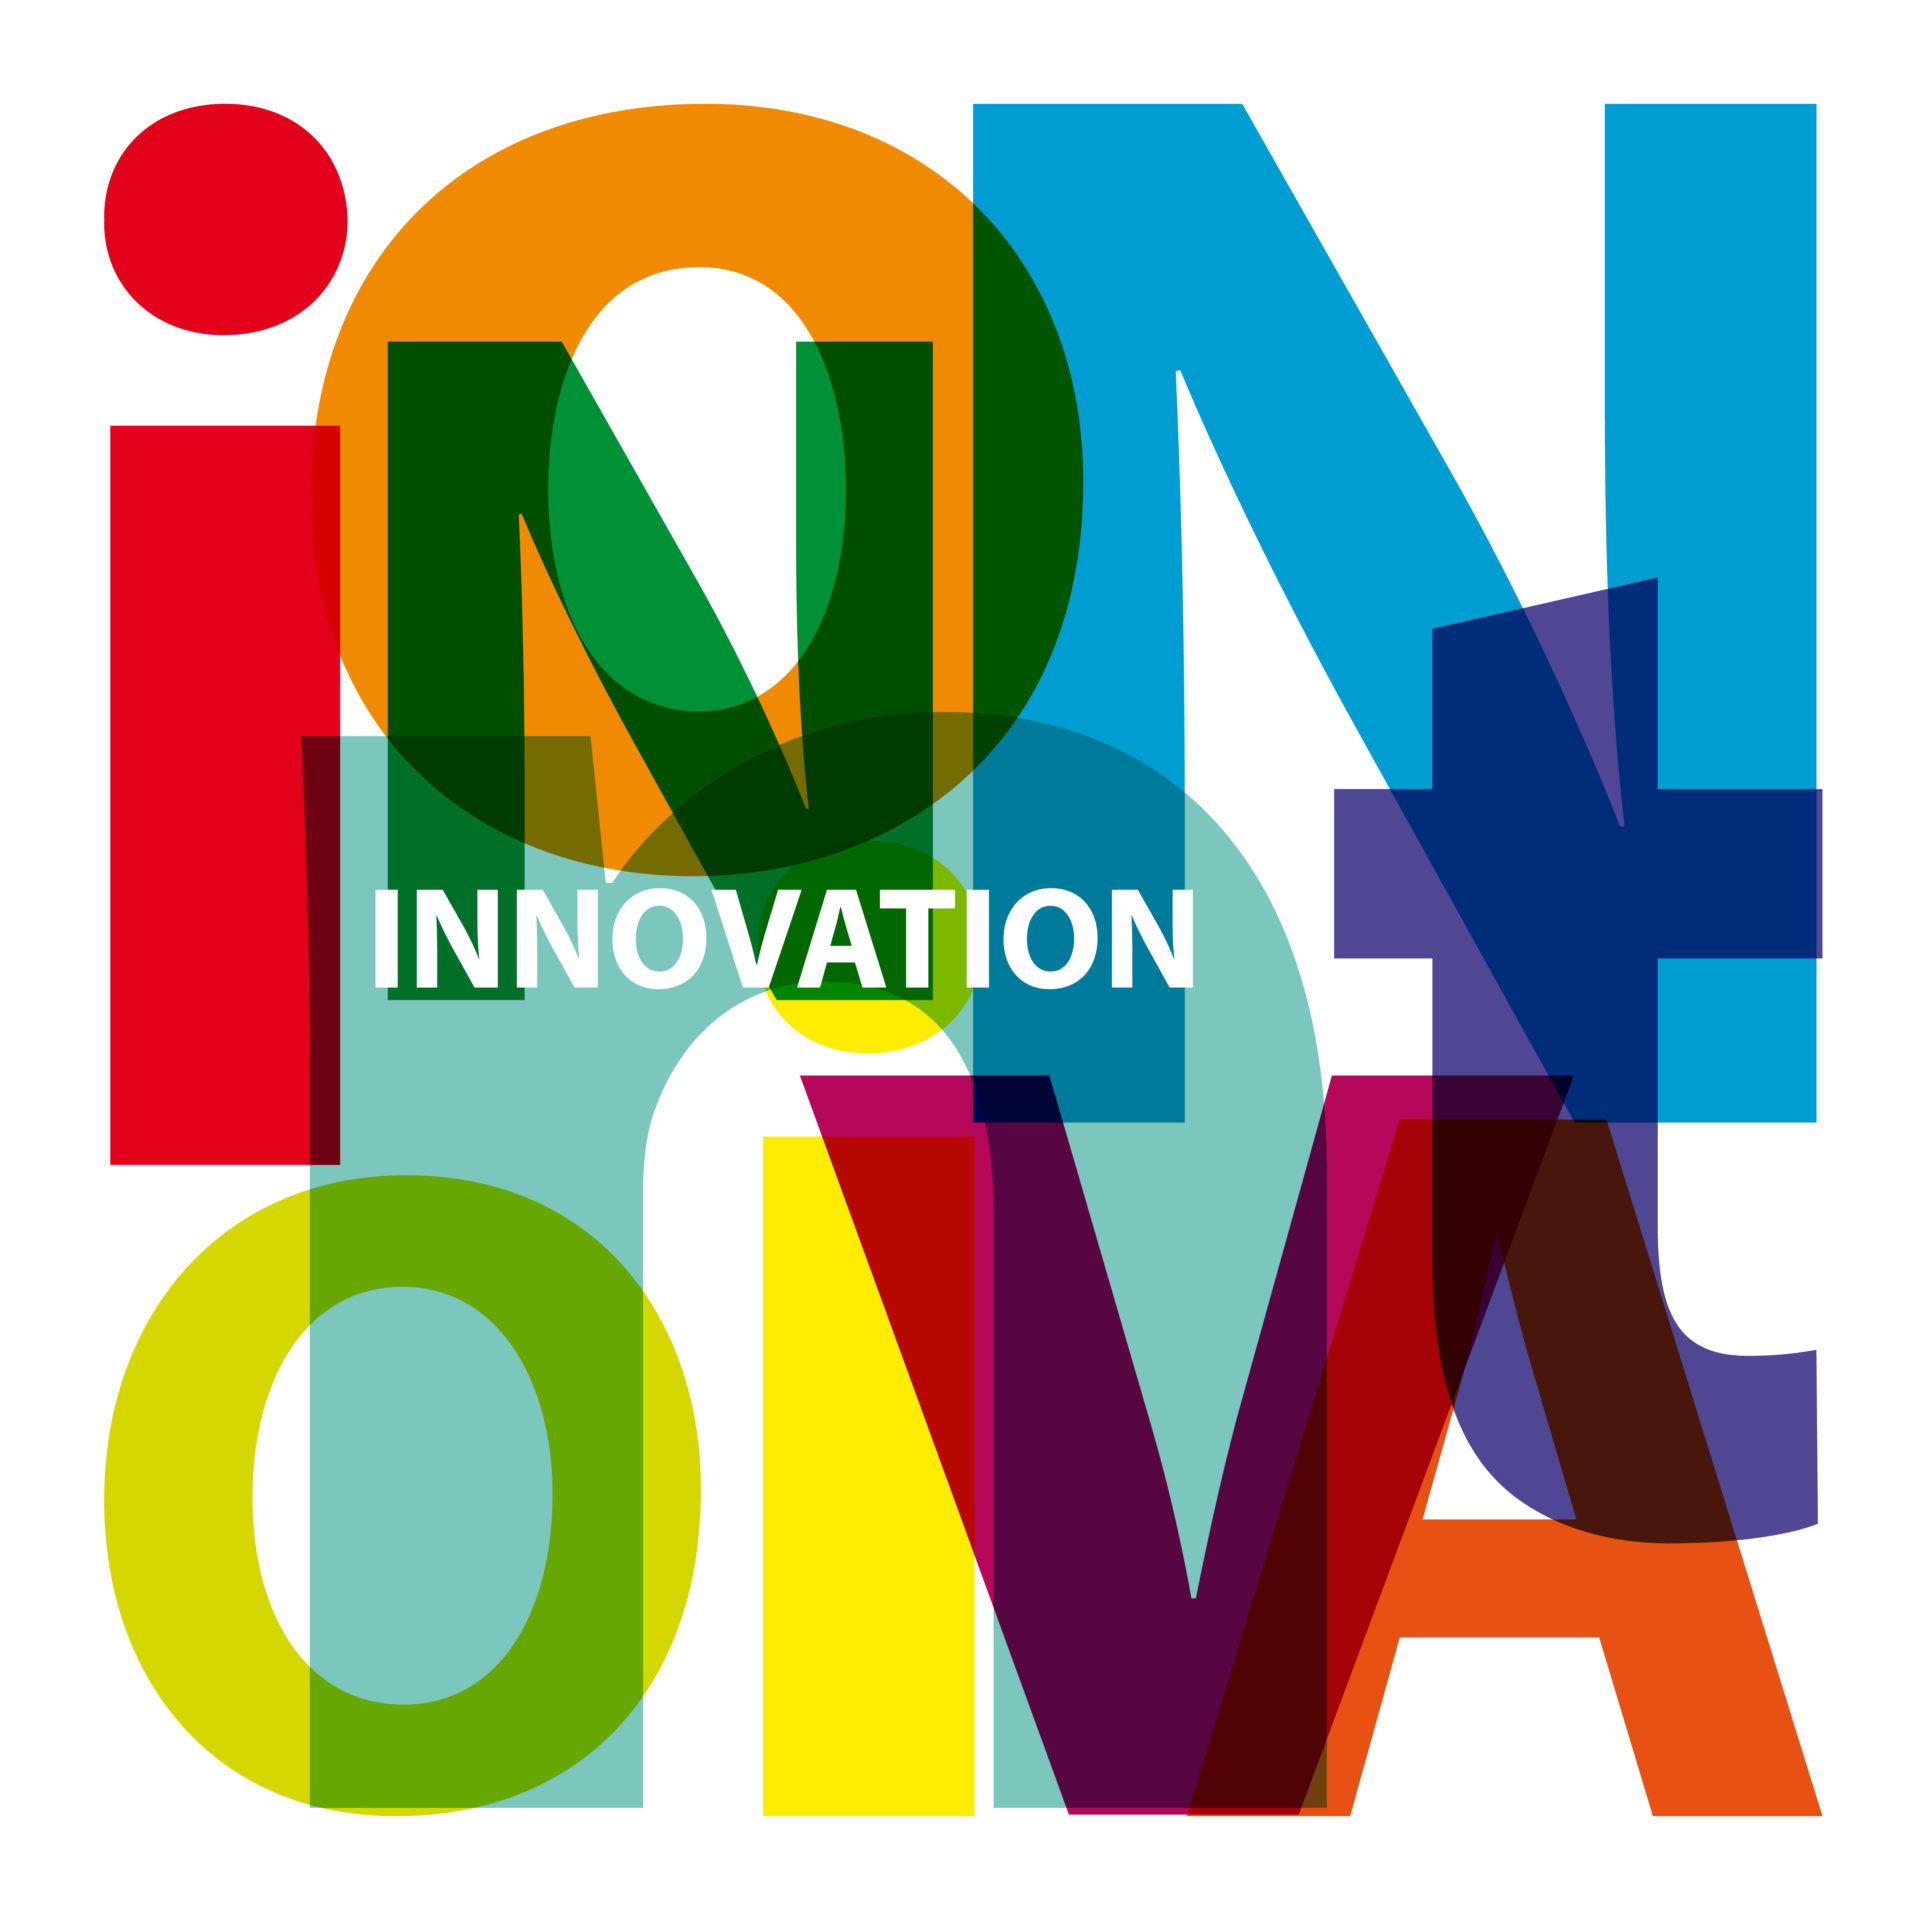 hogares inteligentes-domotica-innovación-dooko-villena-vivienda nueva